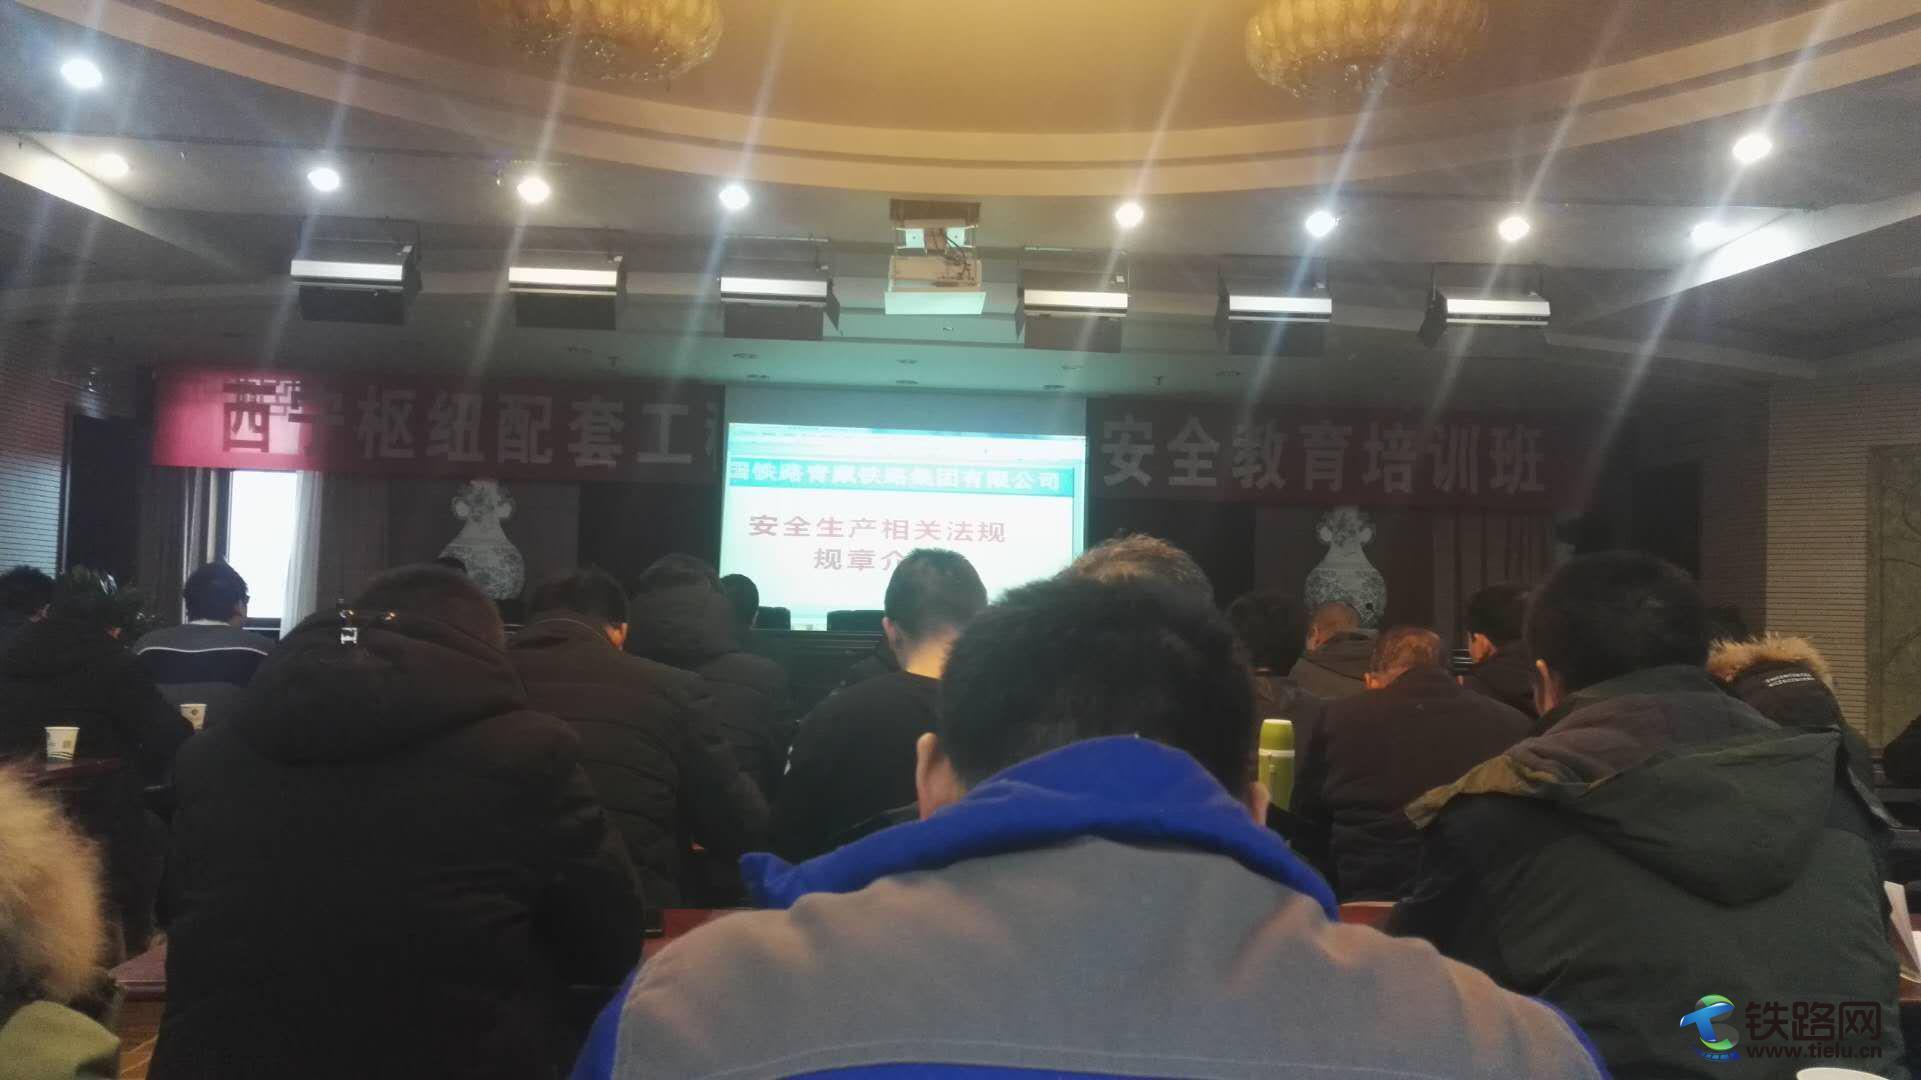 图为:西宁枢纽配套工程营业线施工安全教育培训现场.jpg